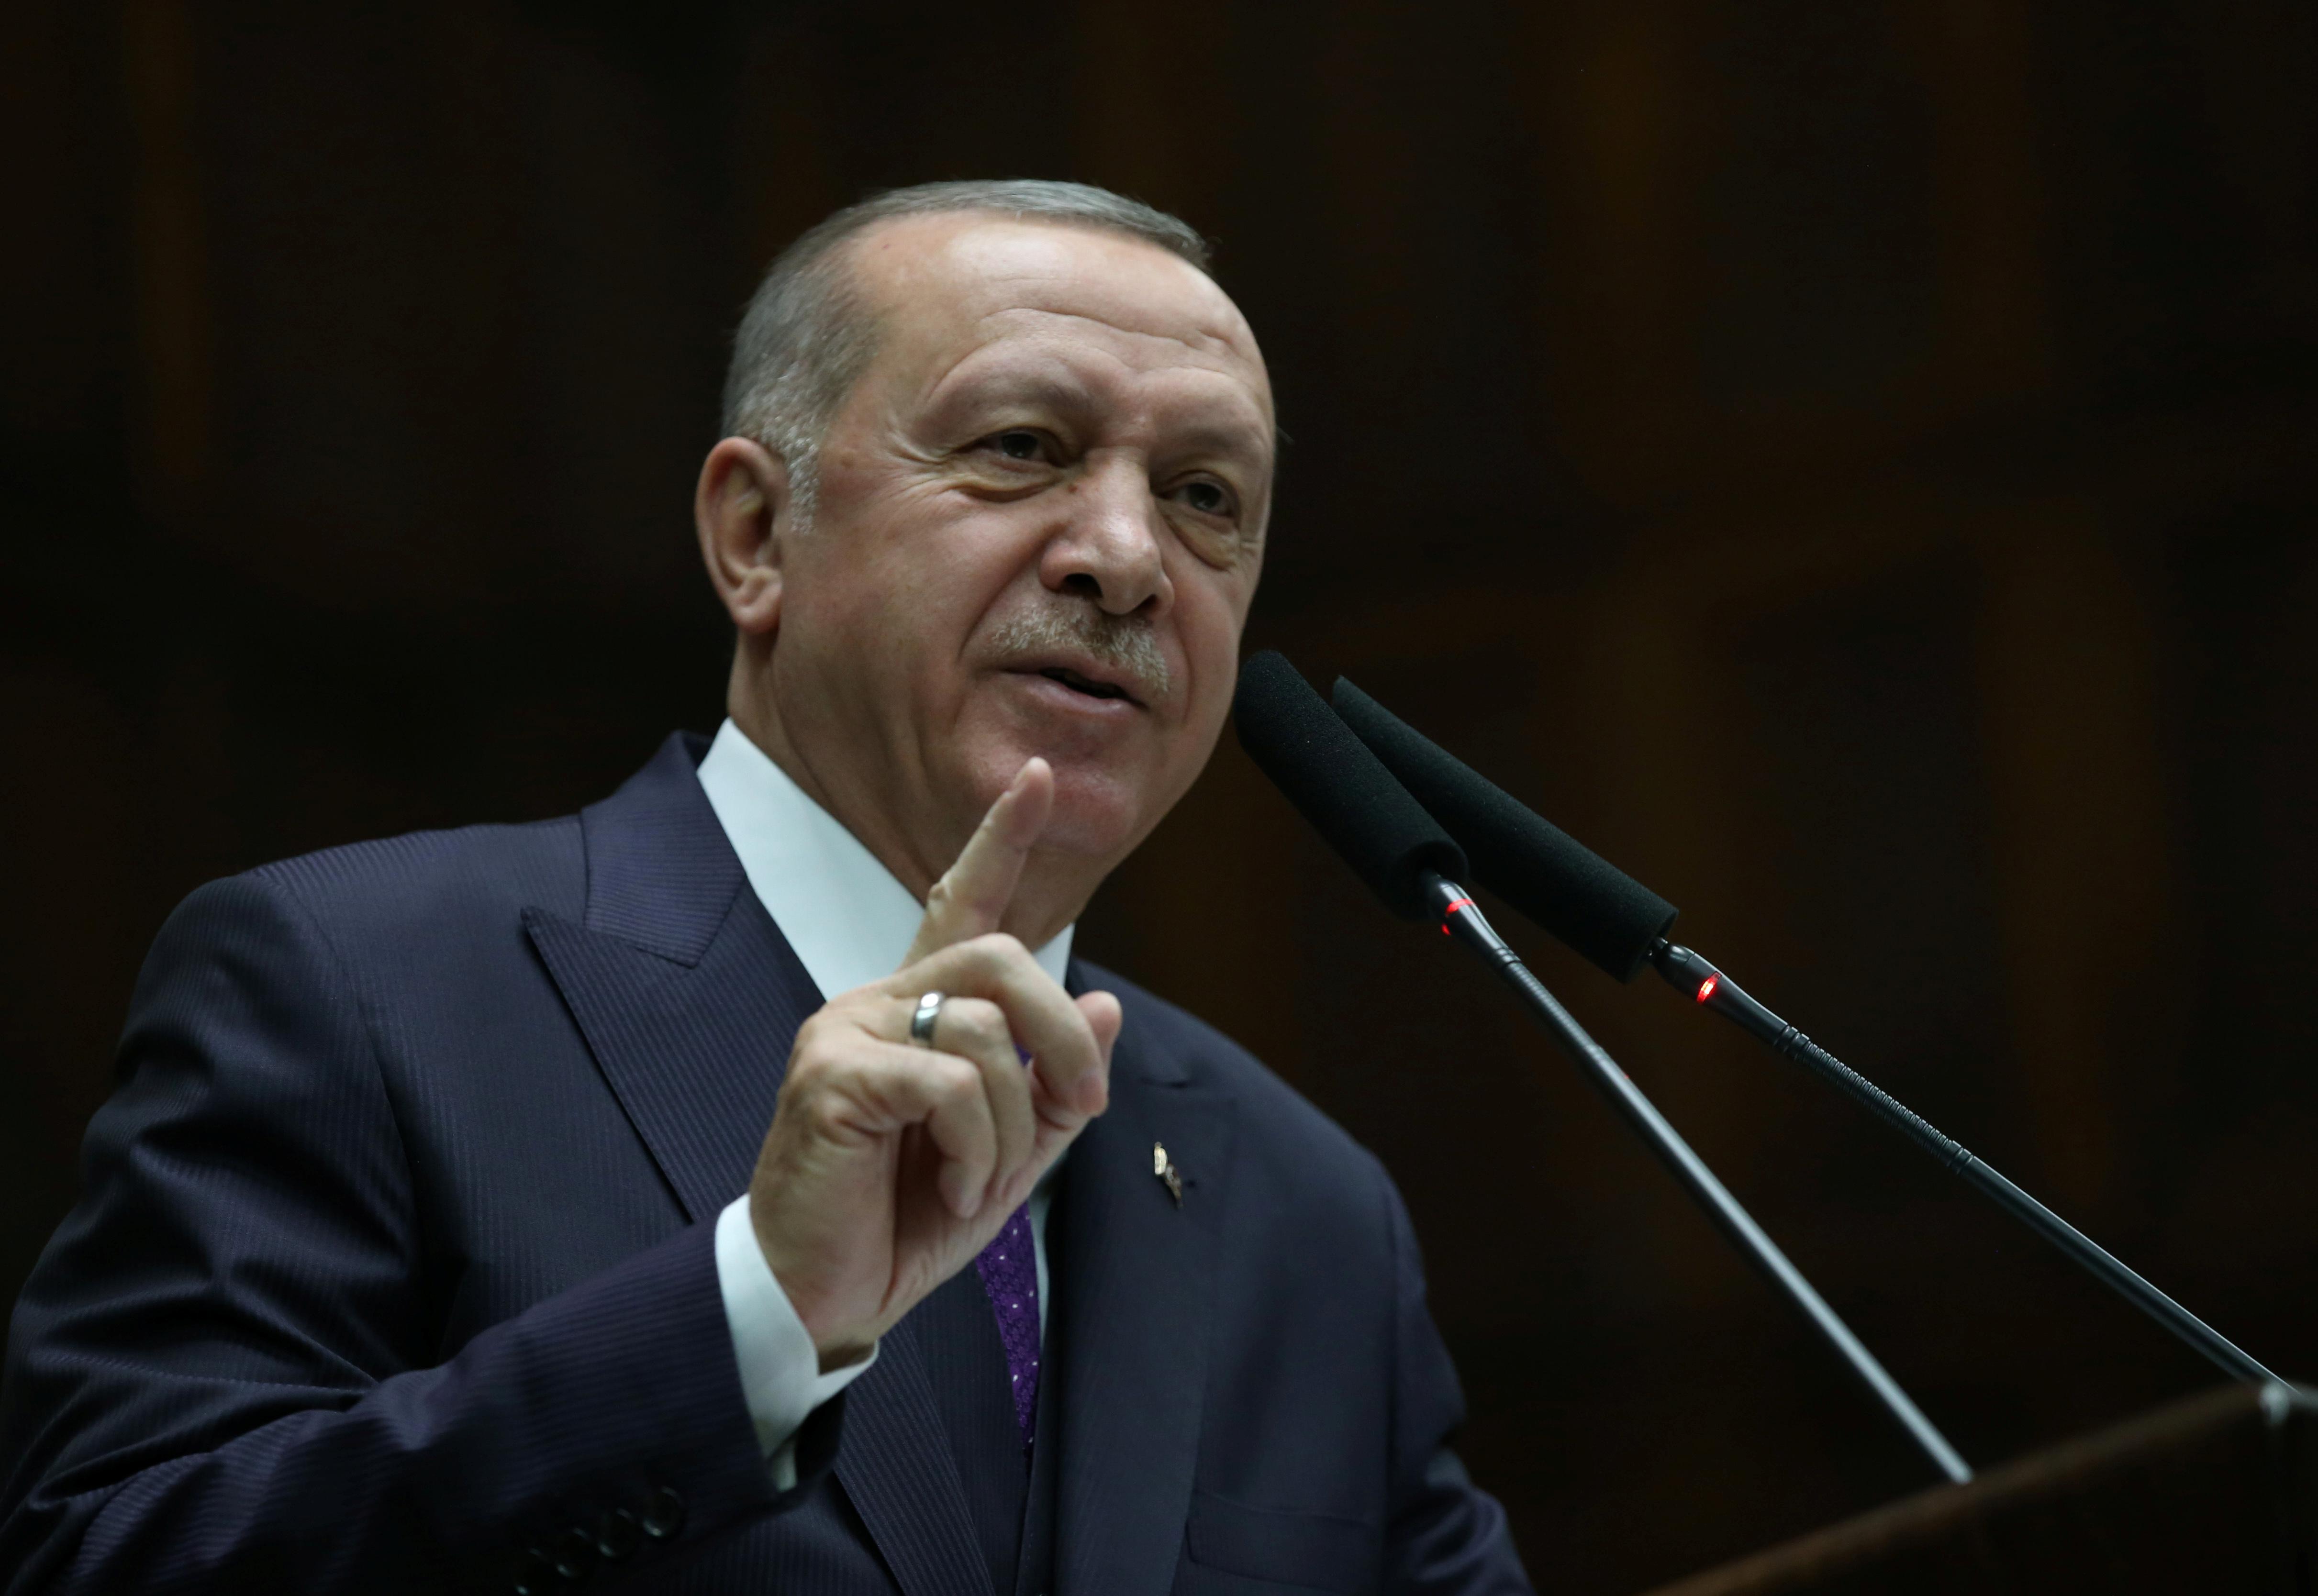 Ερντογάν για Συρία: Αν ο Άσαντ δεν αποσυρθεί, θα τον κάνουμε εμείς να αποσυρθεί